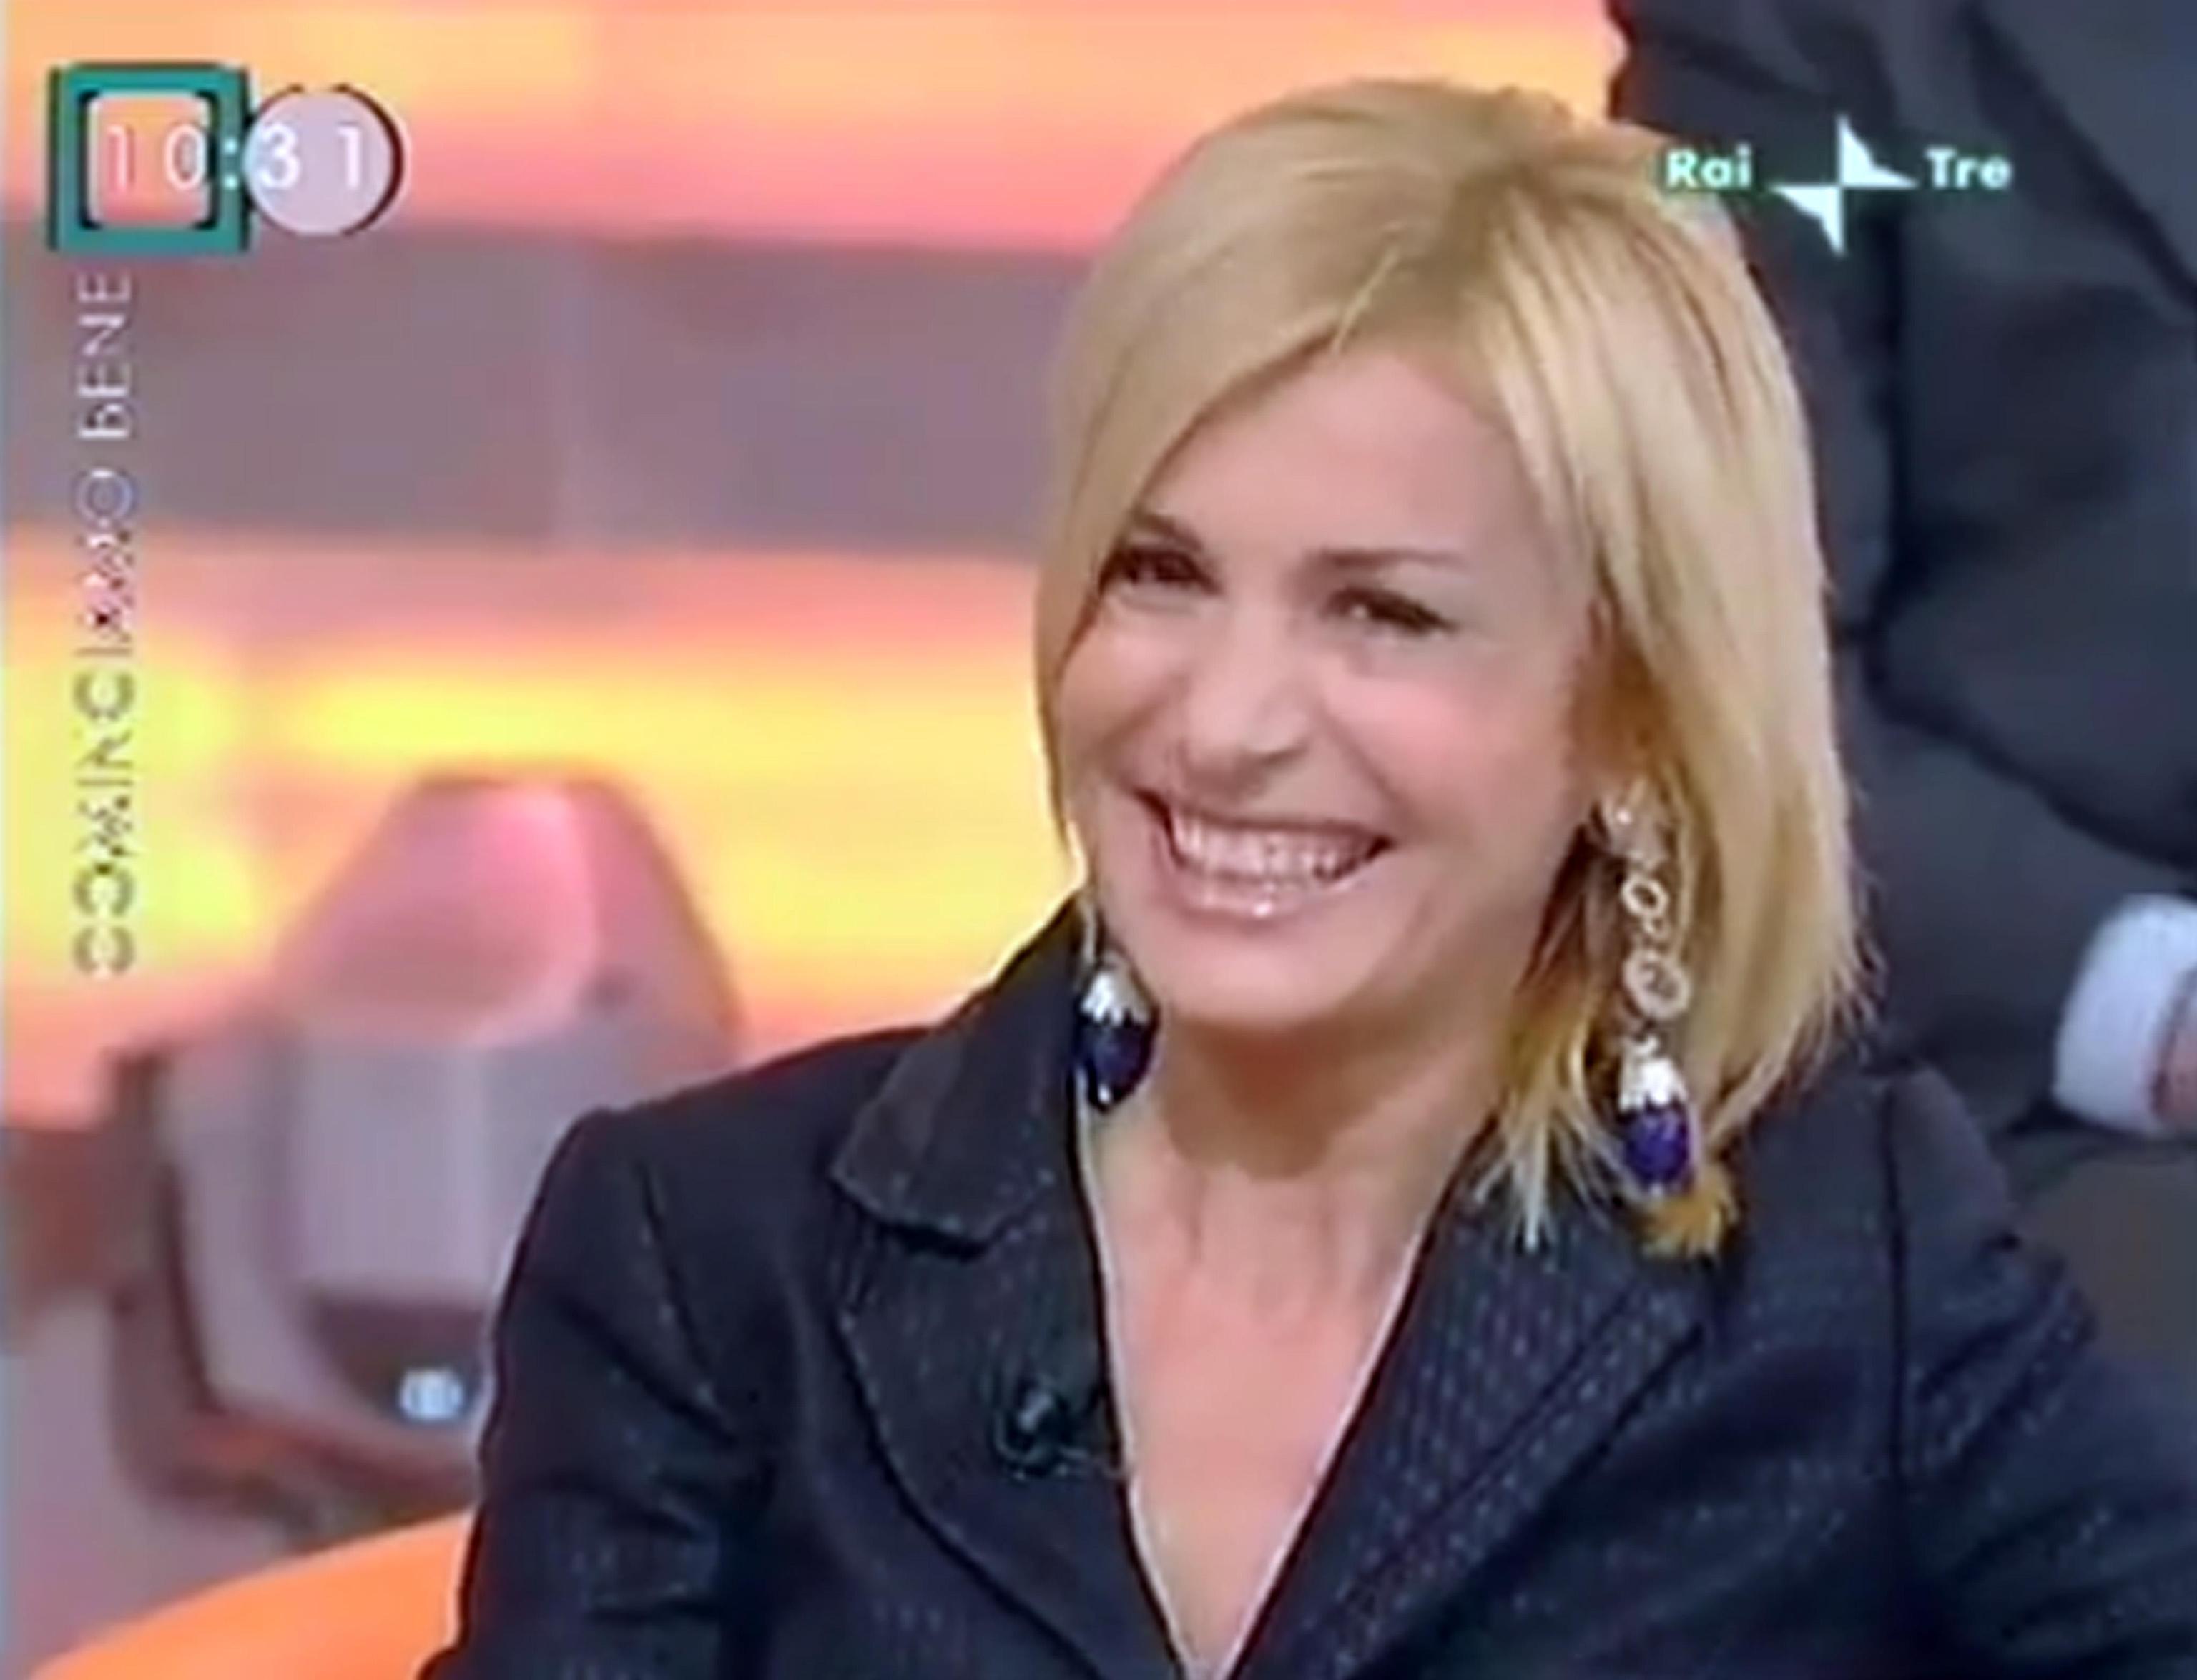 Alessandra Appiano libri famosi